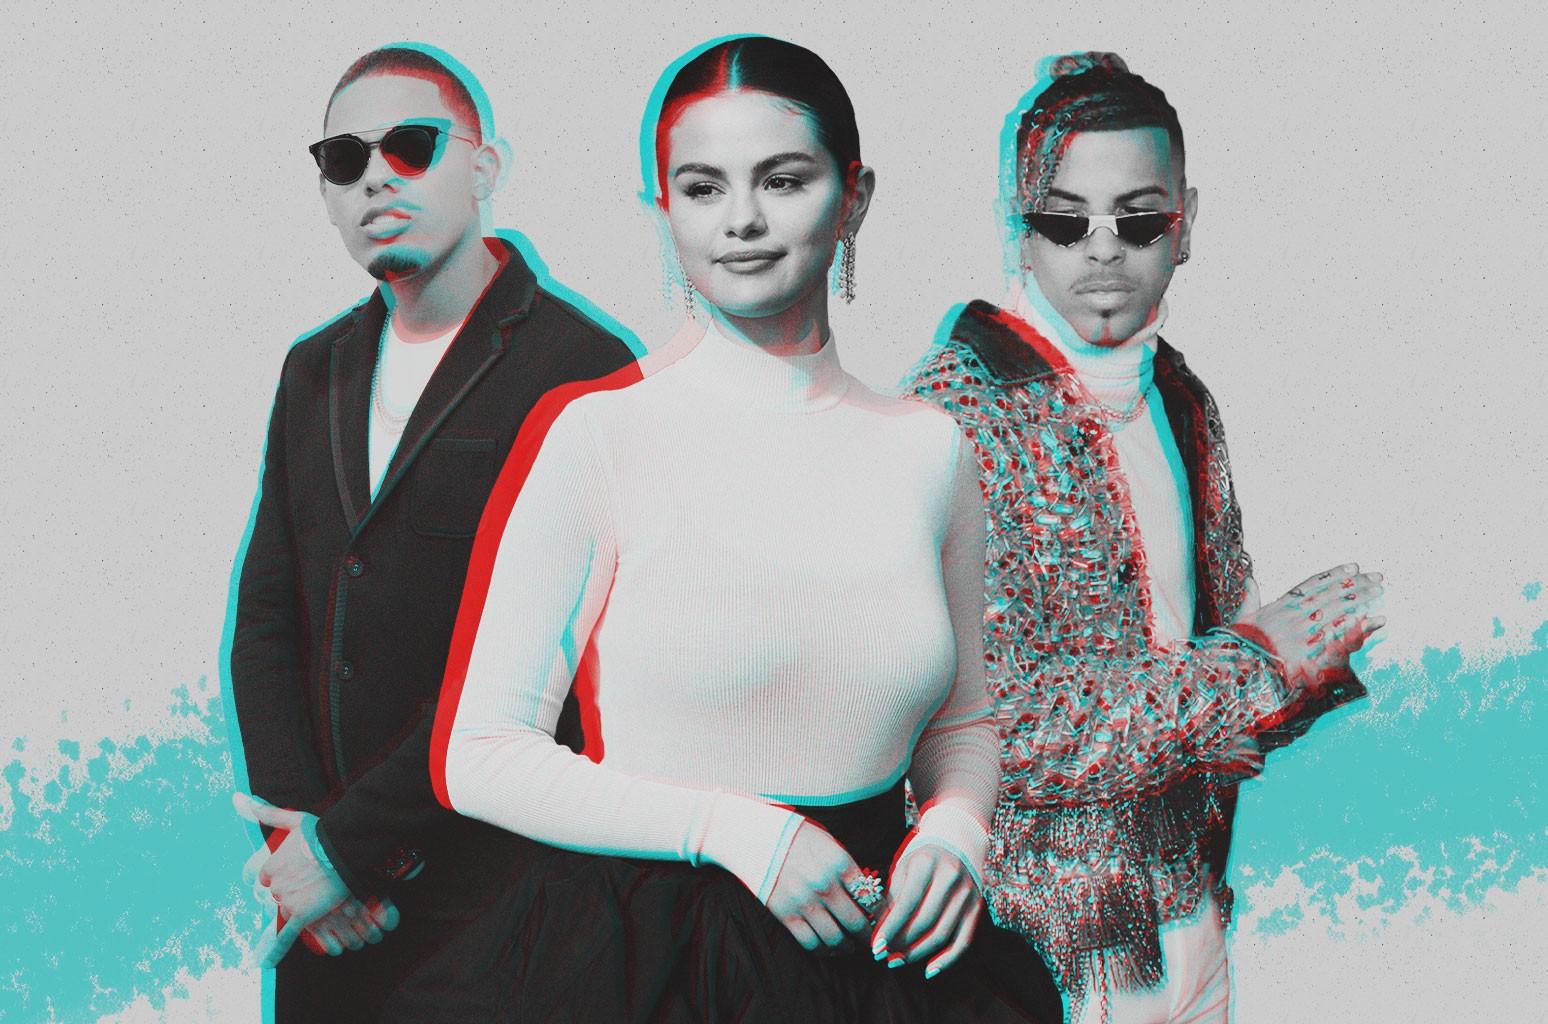 Rauw Alejandro & Myke Towers: Meet the Latin Stars on Selena Gomez's 'Revelación'